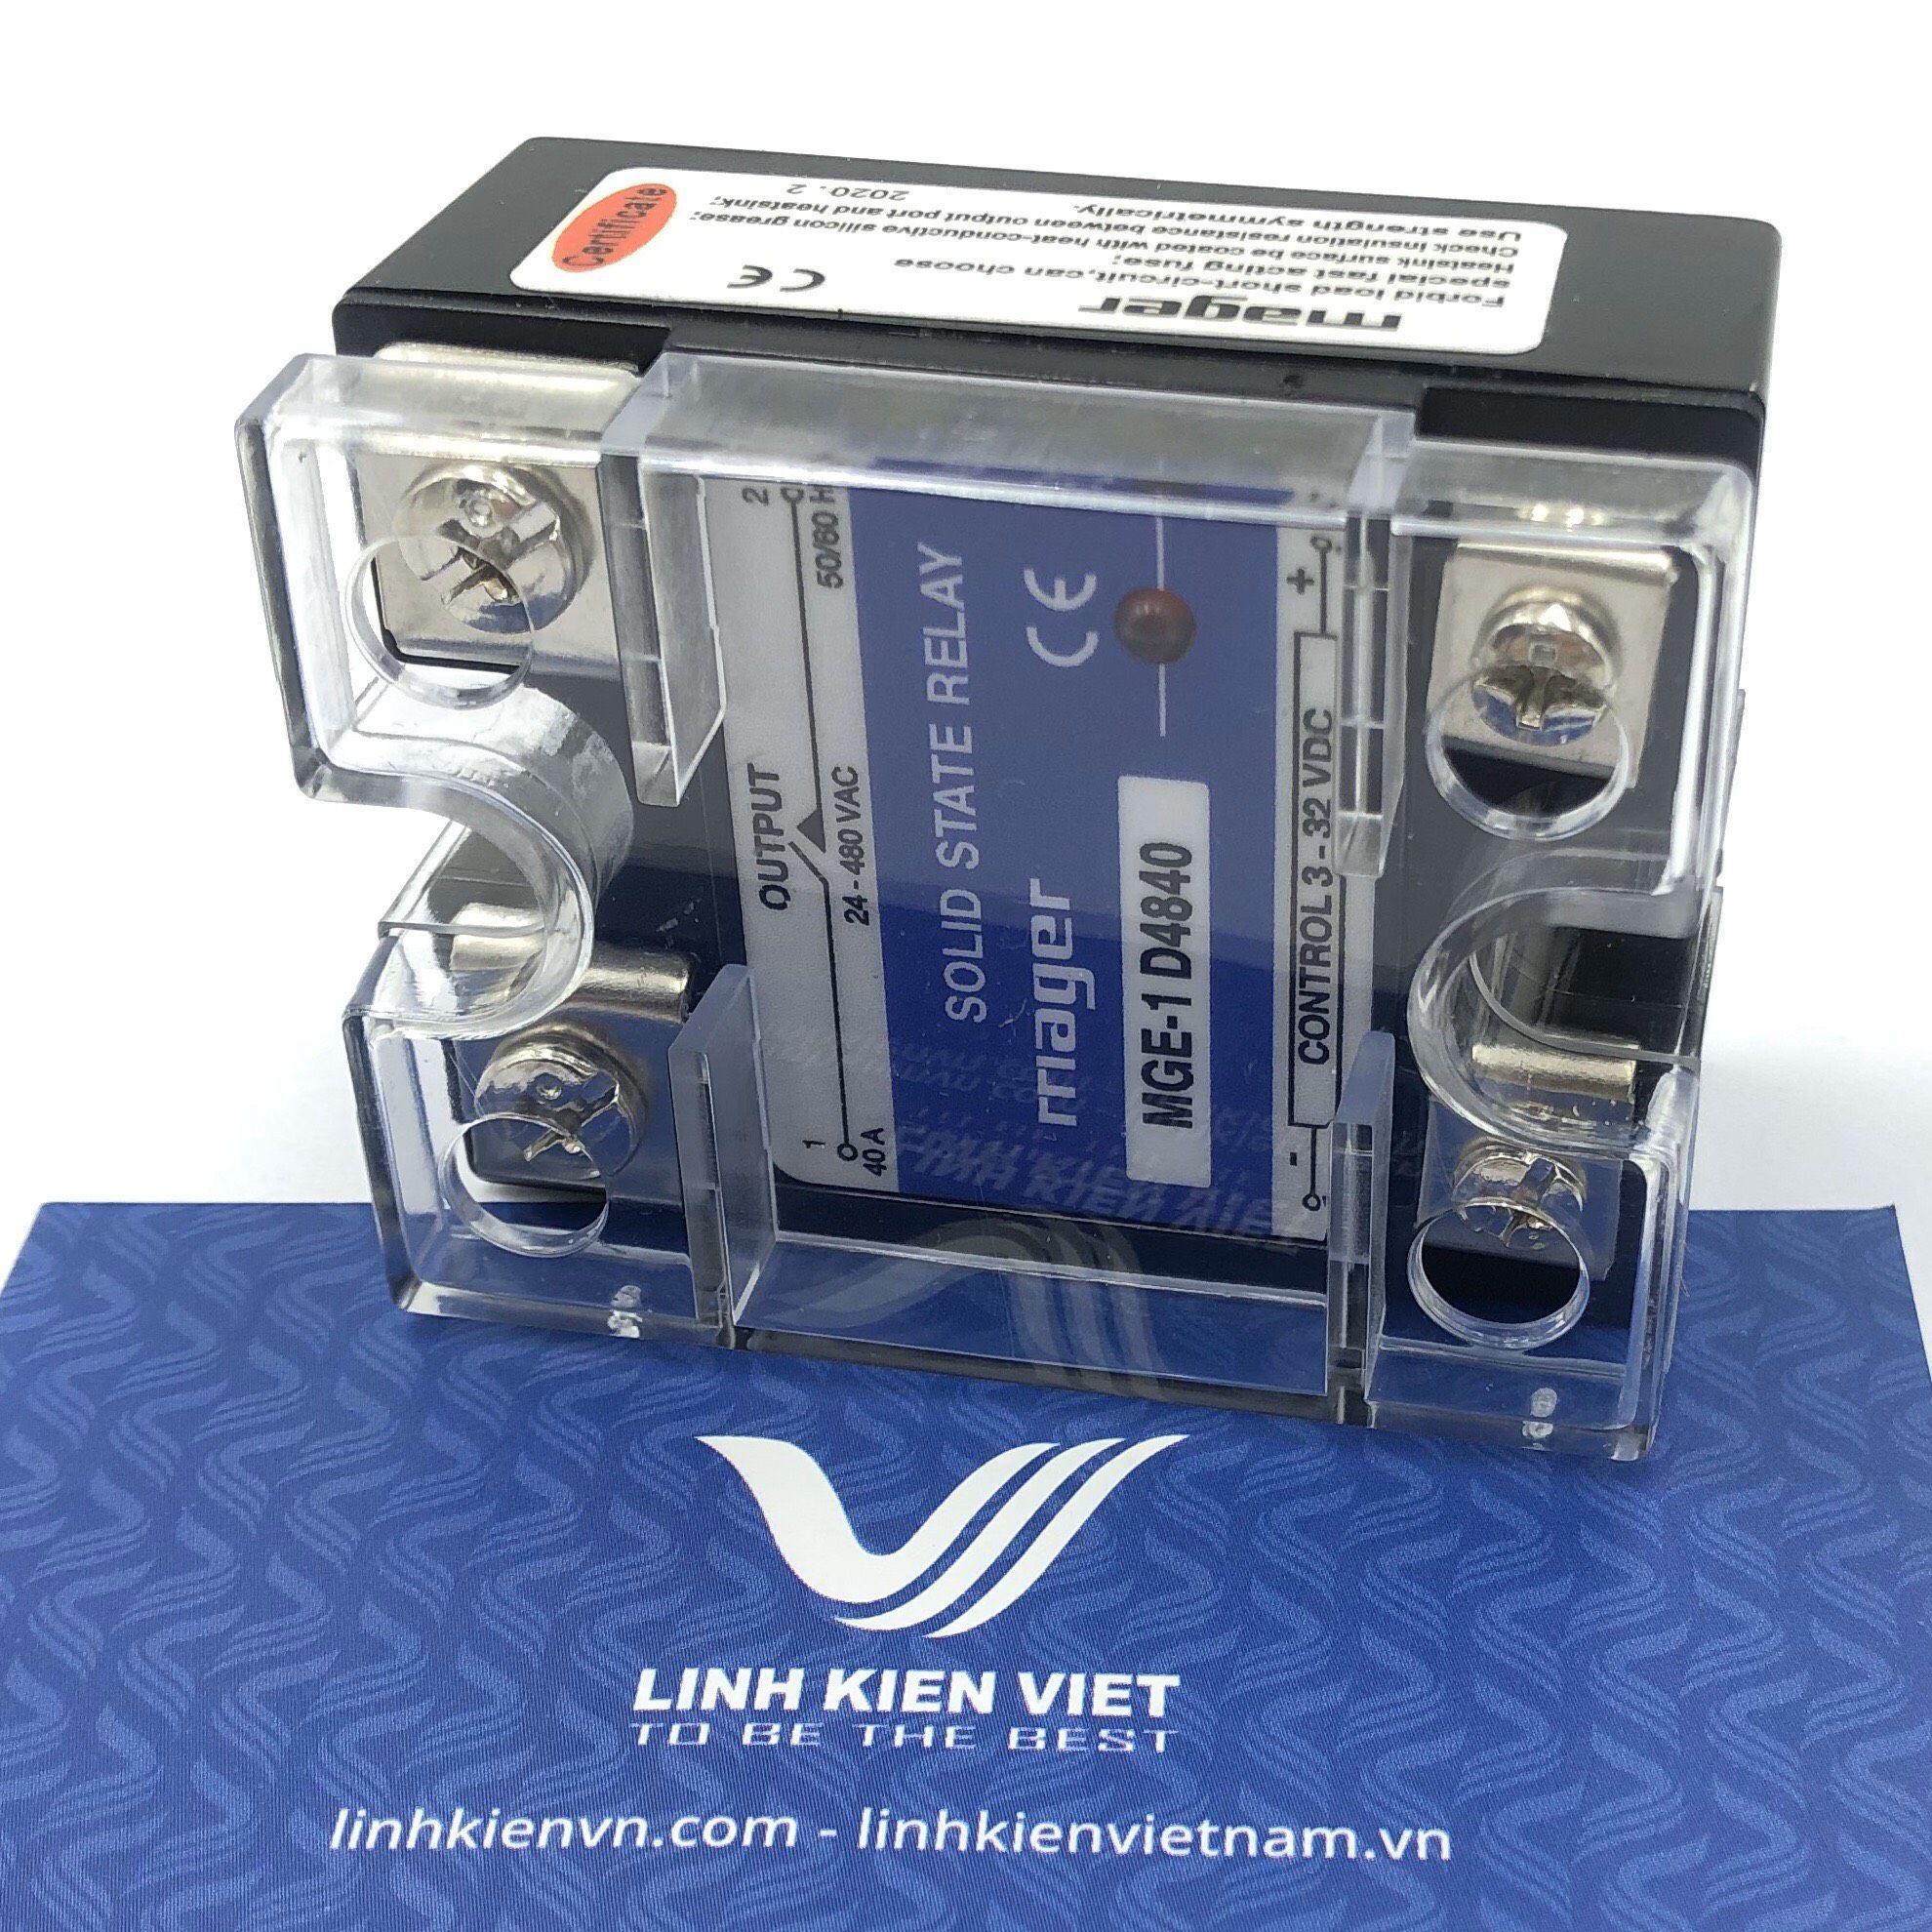 Relay bán dẫn SSR 40A Input 3 - 32VDC 480V MGR-1 D4840 - A10H13